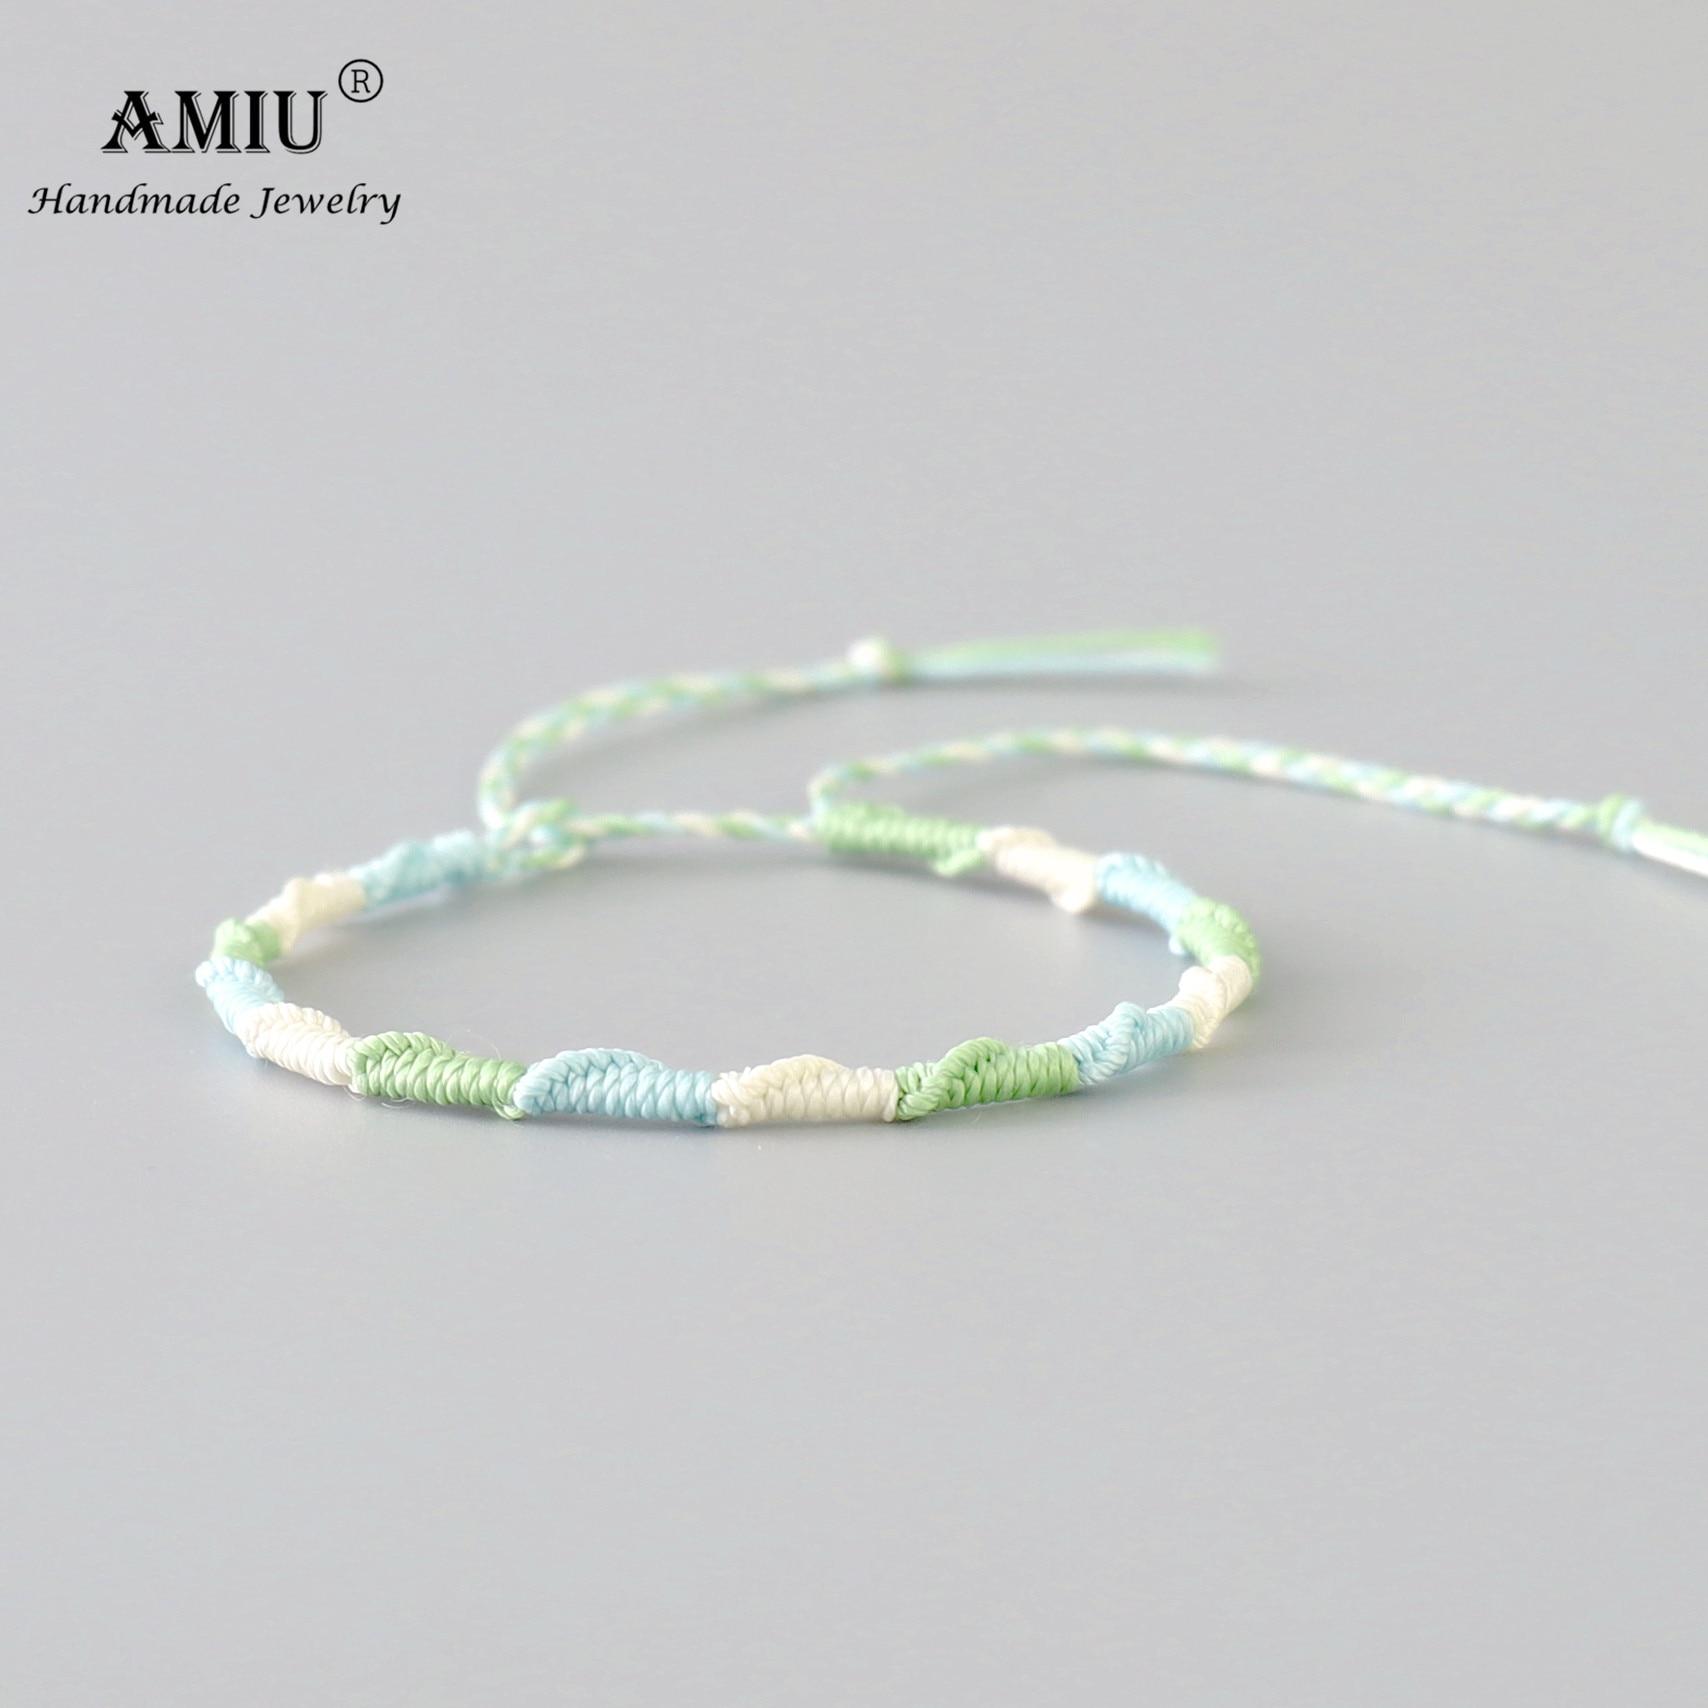 AMIU Handmade Waterproof Wax Thread Woven Wrap Bracelet Simple Rope Knot Bracelet Friendship Bracelet for Men and Women